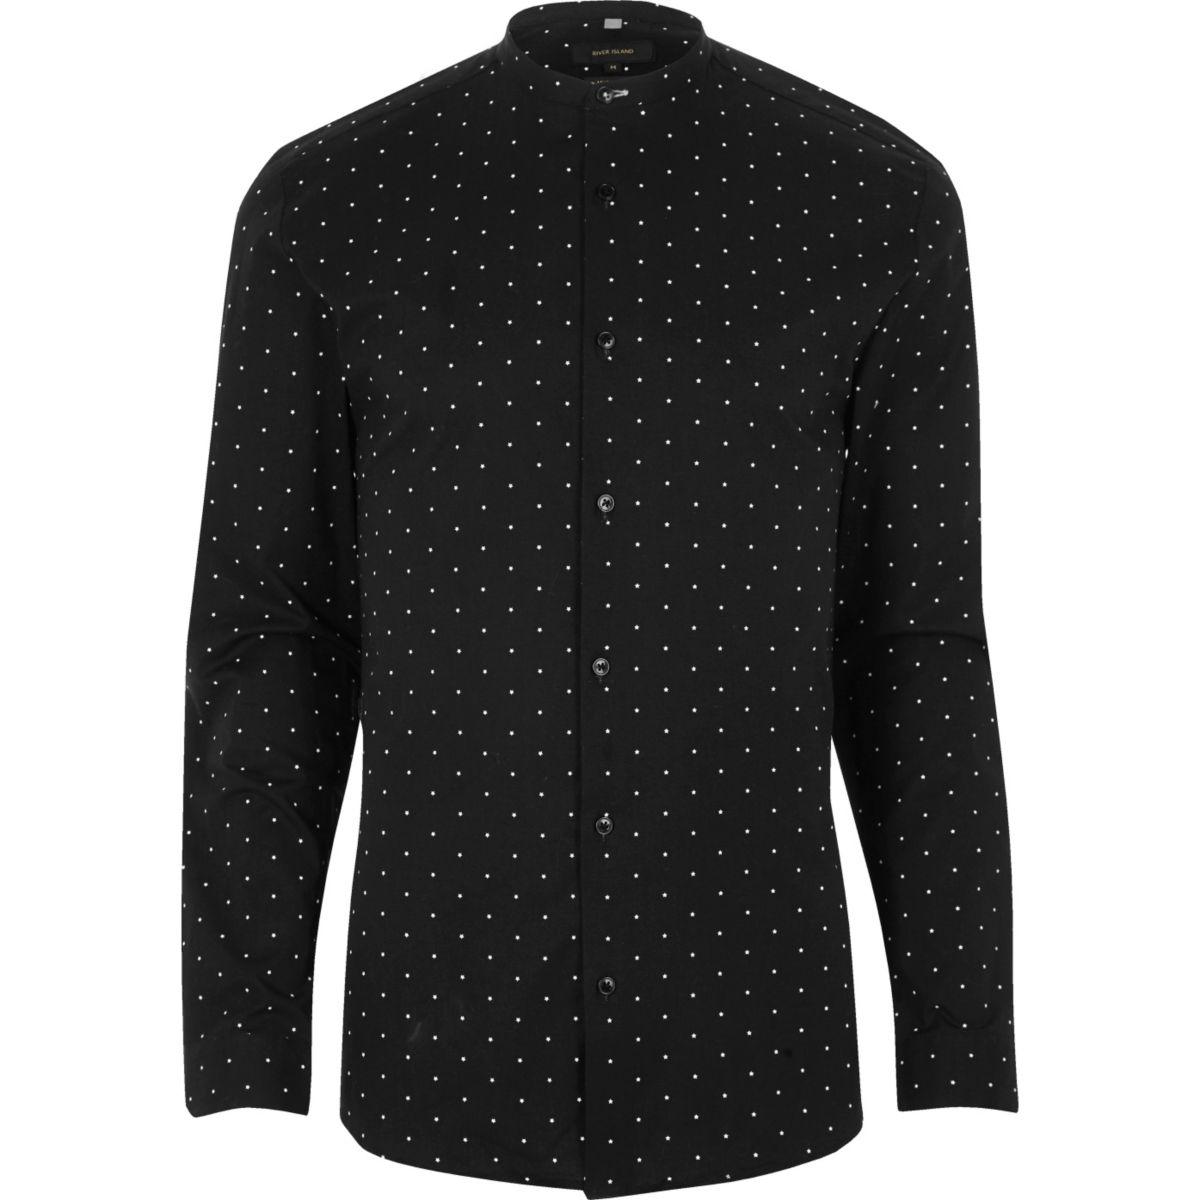 Chemise habillée coupe près du corps imprimée noire style grand-père